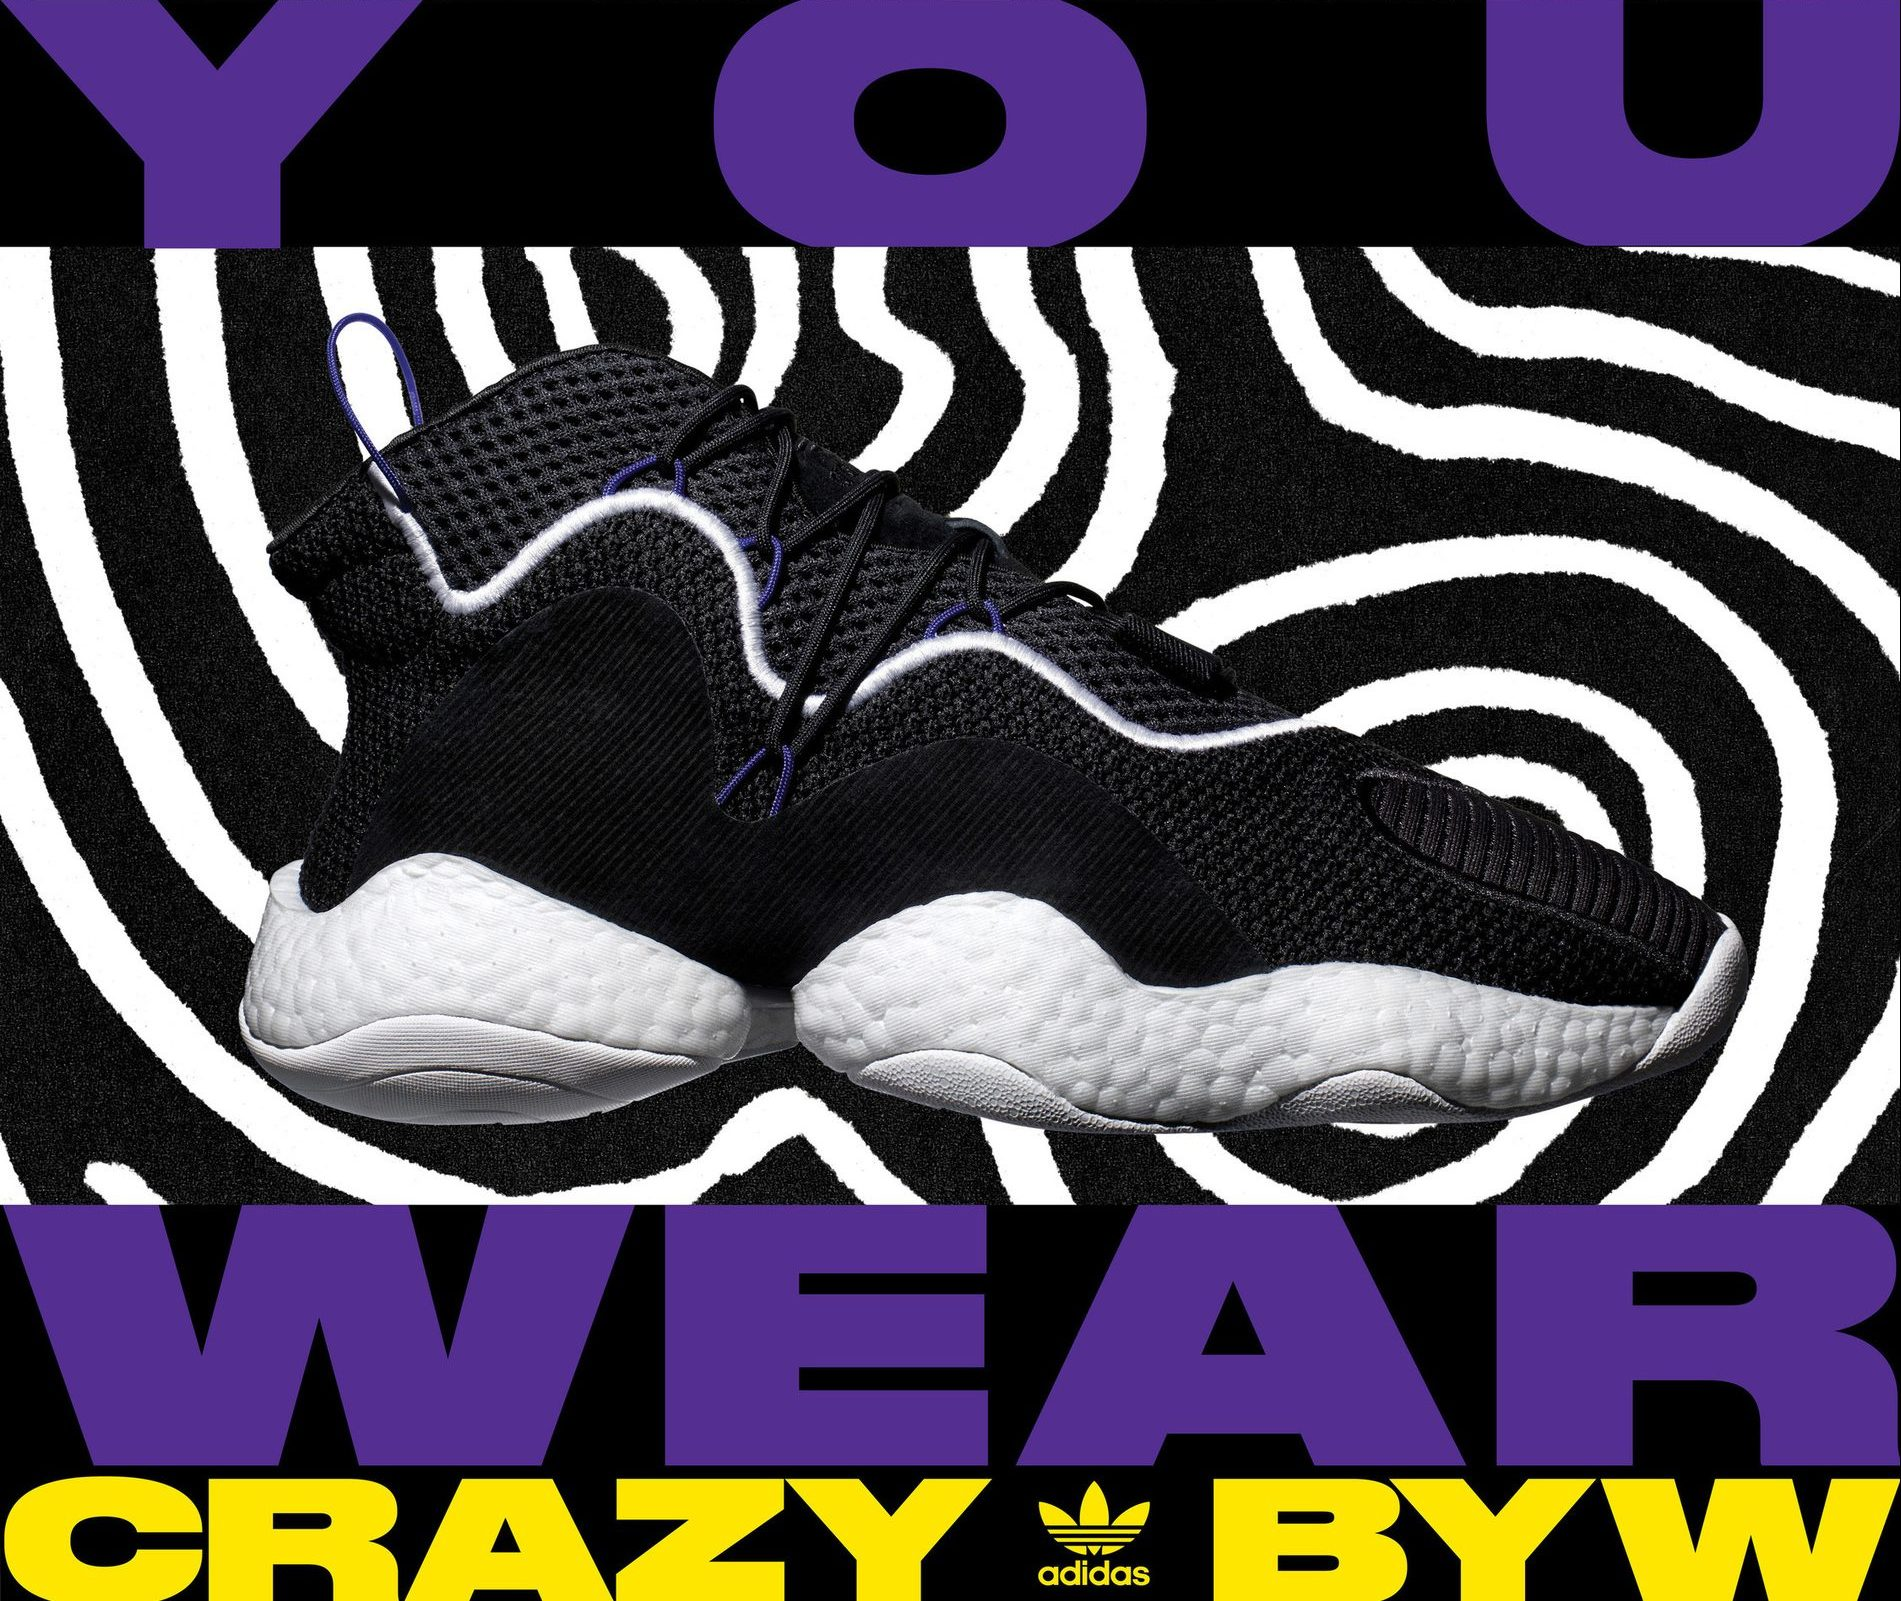 l'adidas pazzo byw è ufficialmente inaugurato e sta per